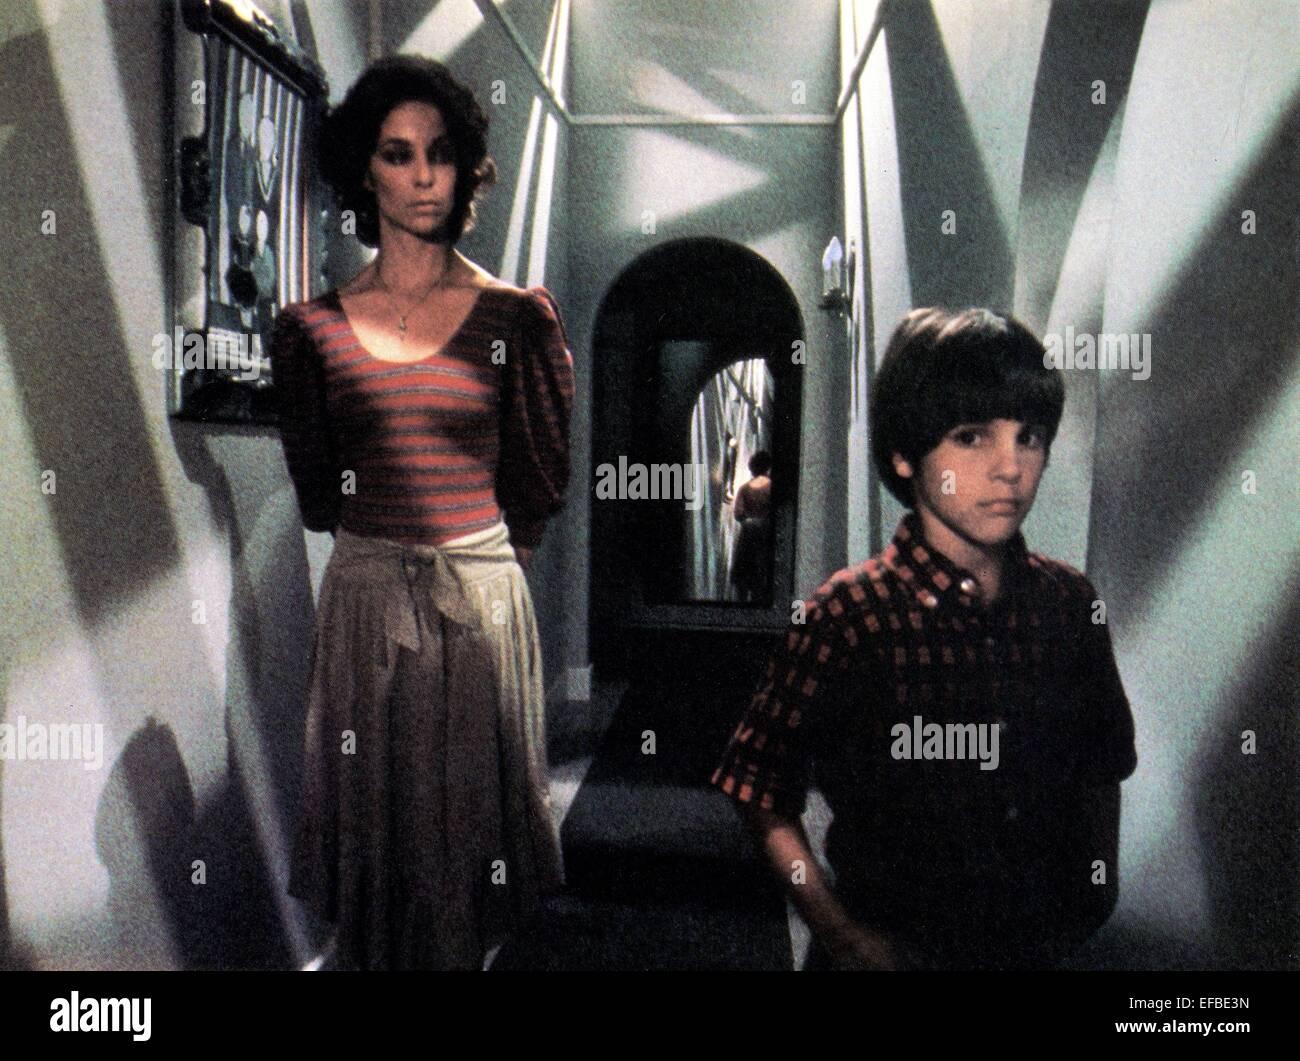 KATHLEEN QUINLAN & JEREMY LICHT TWILIGHT ZONE: THE MOVIE ...